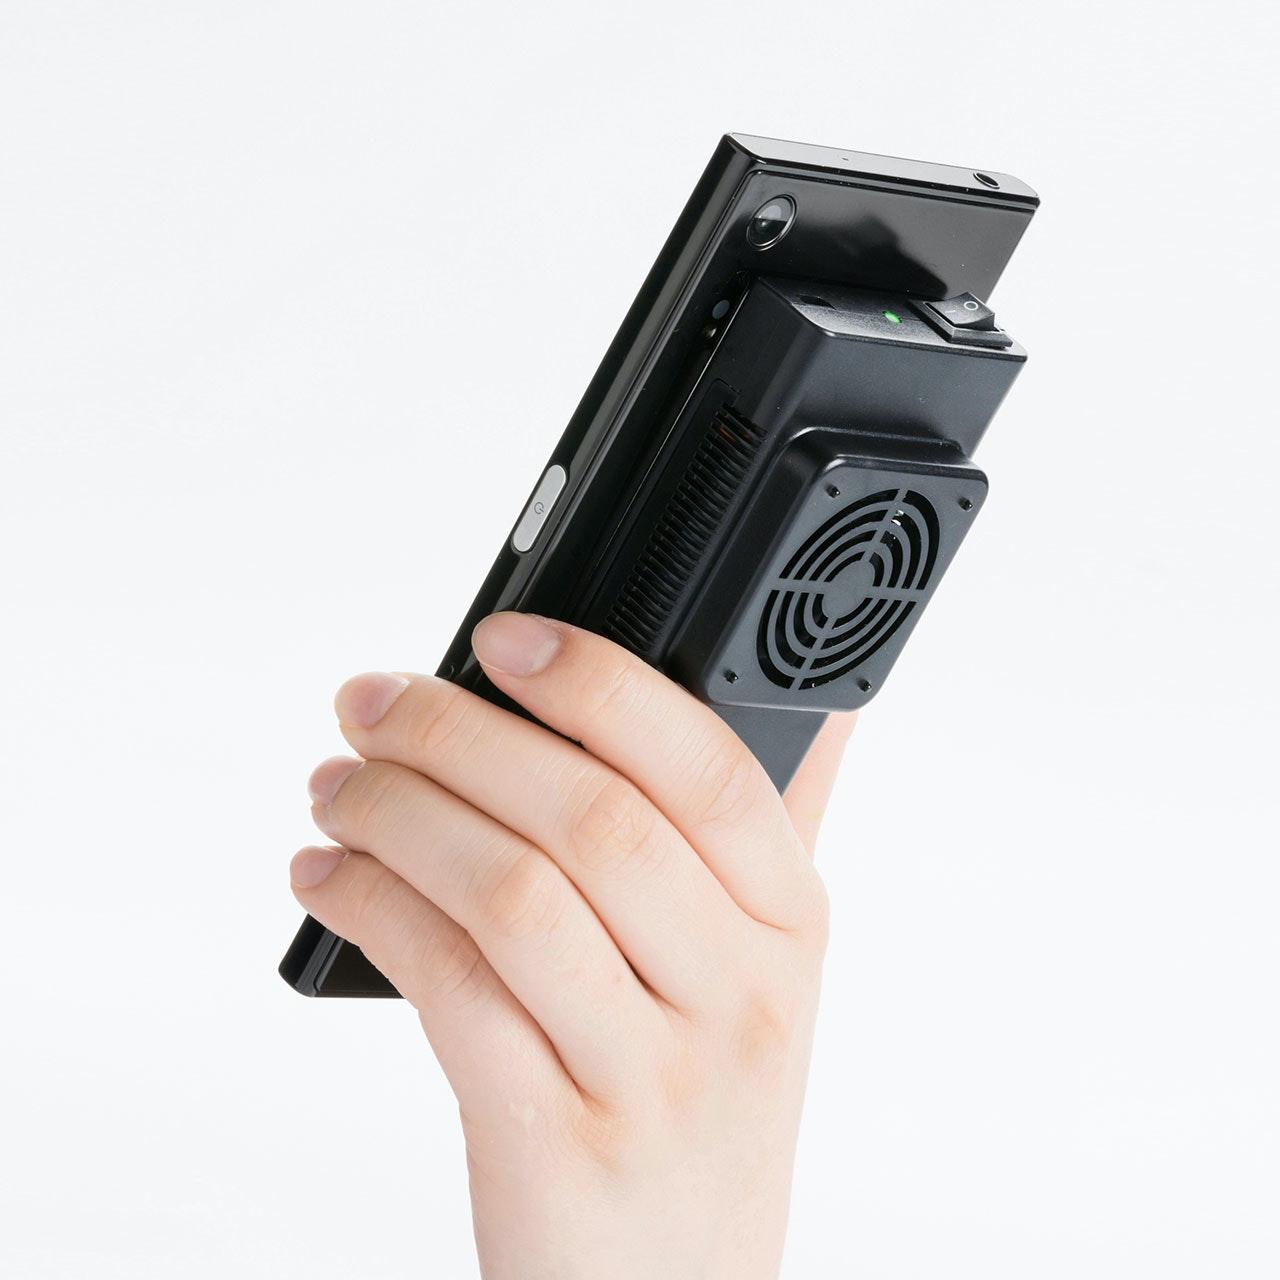 照片中包含了相機配件、三和供應、Sanwa Direct 智能手機冷卻器 帶電子功率的即時冷卻 Peltier 元件 可充電智能手機冷卻 400-CLN027、電腦、手機